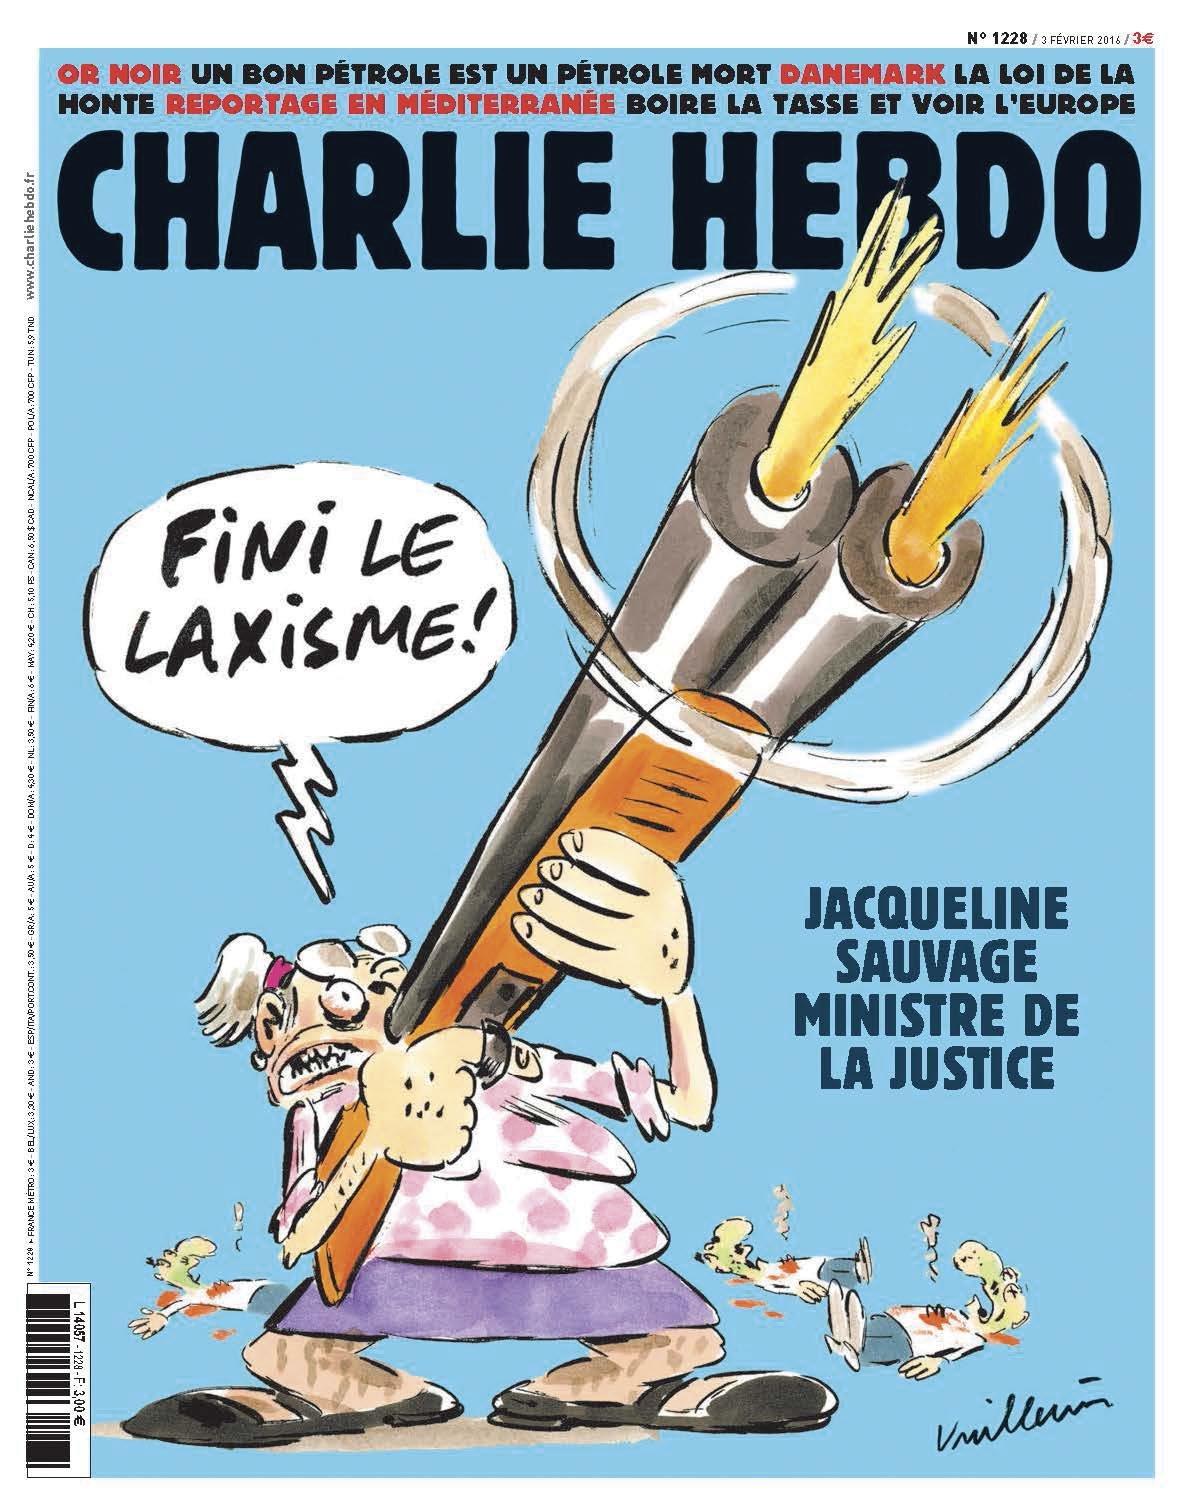 Charlie Hebdo n°1228 --- 3 fevrier 2016